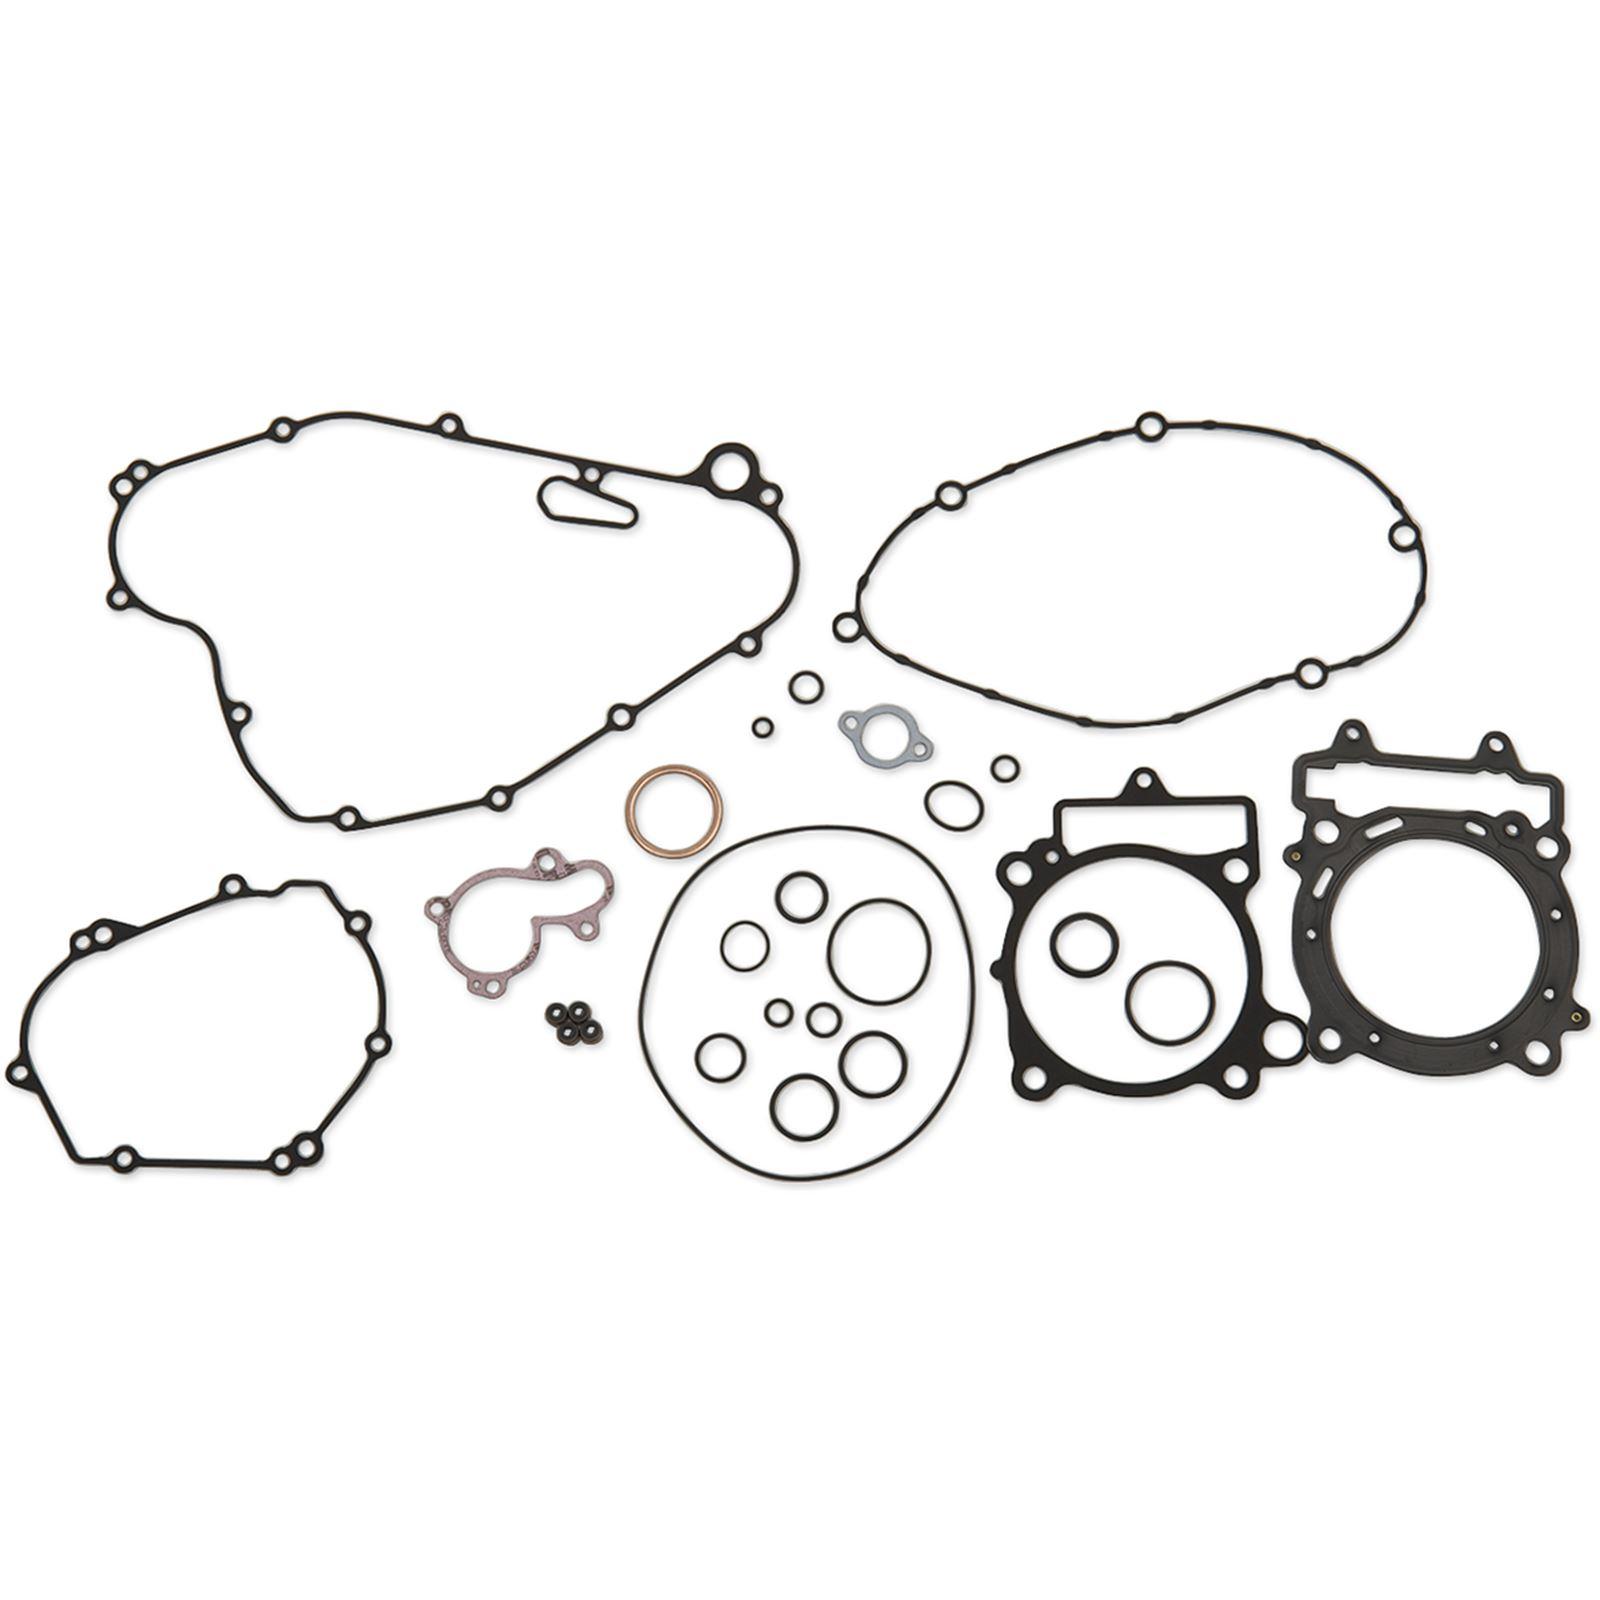 Moose Racing Complete Motor Gasket Kit KX450F